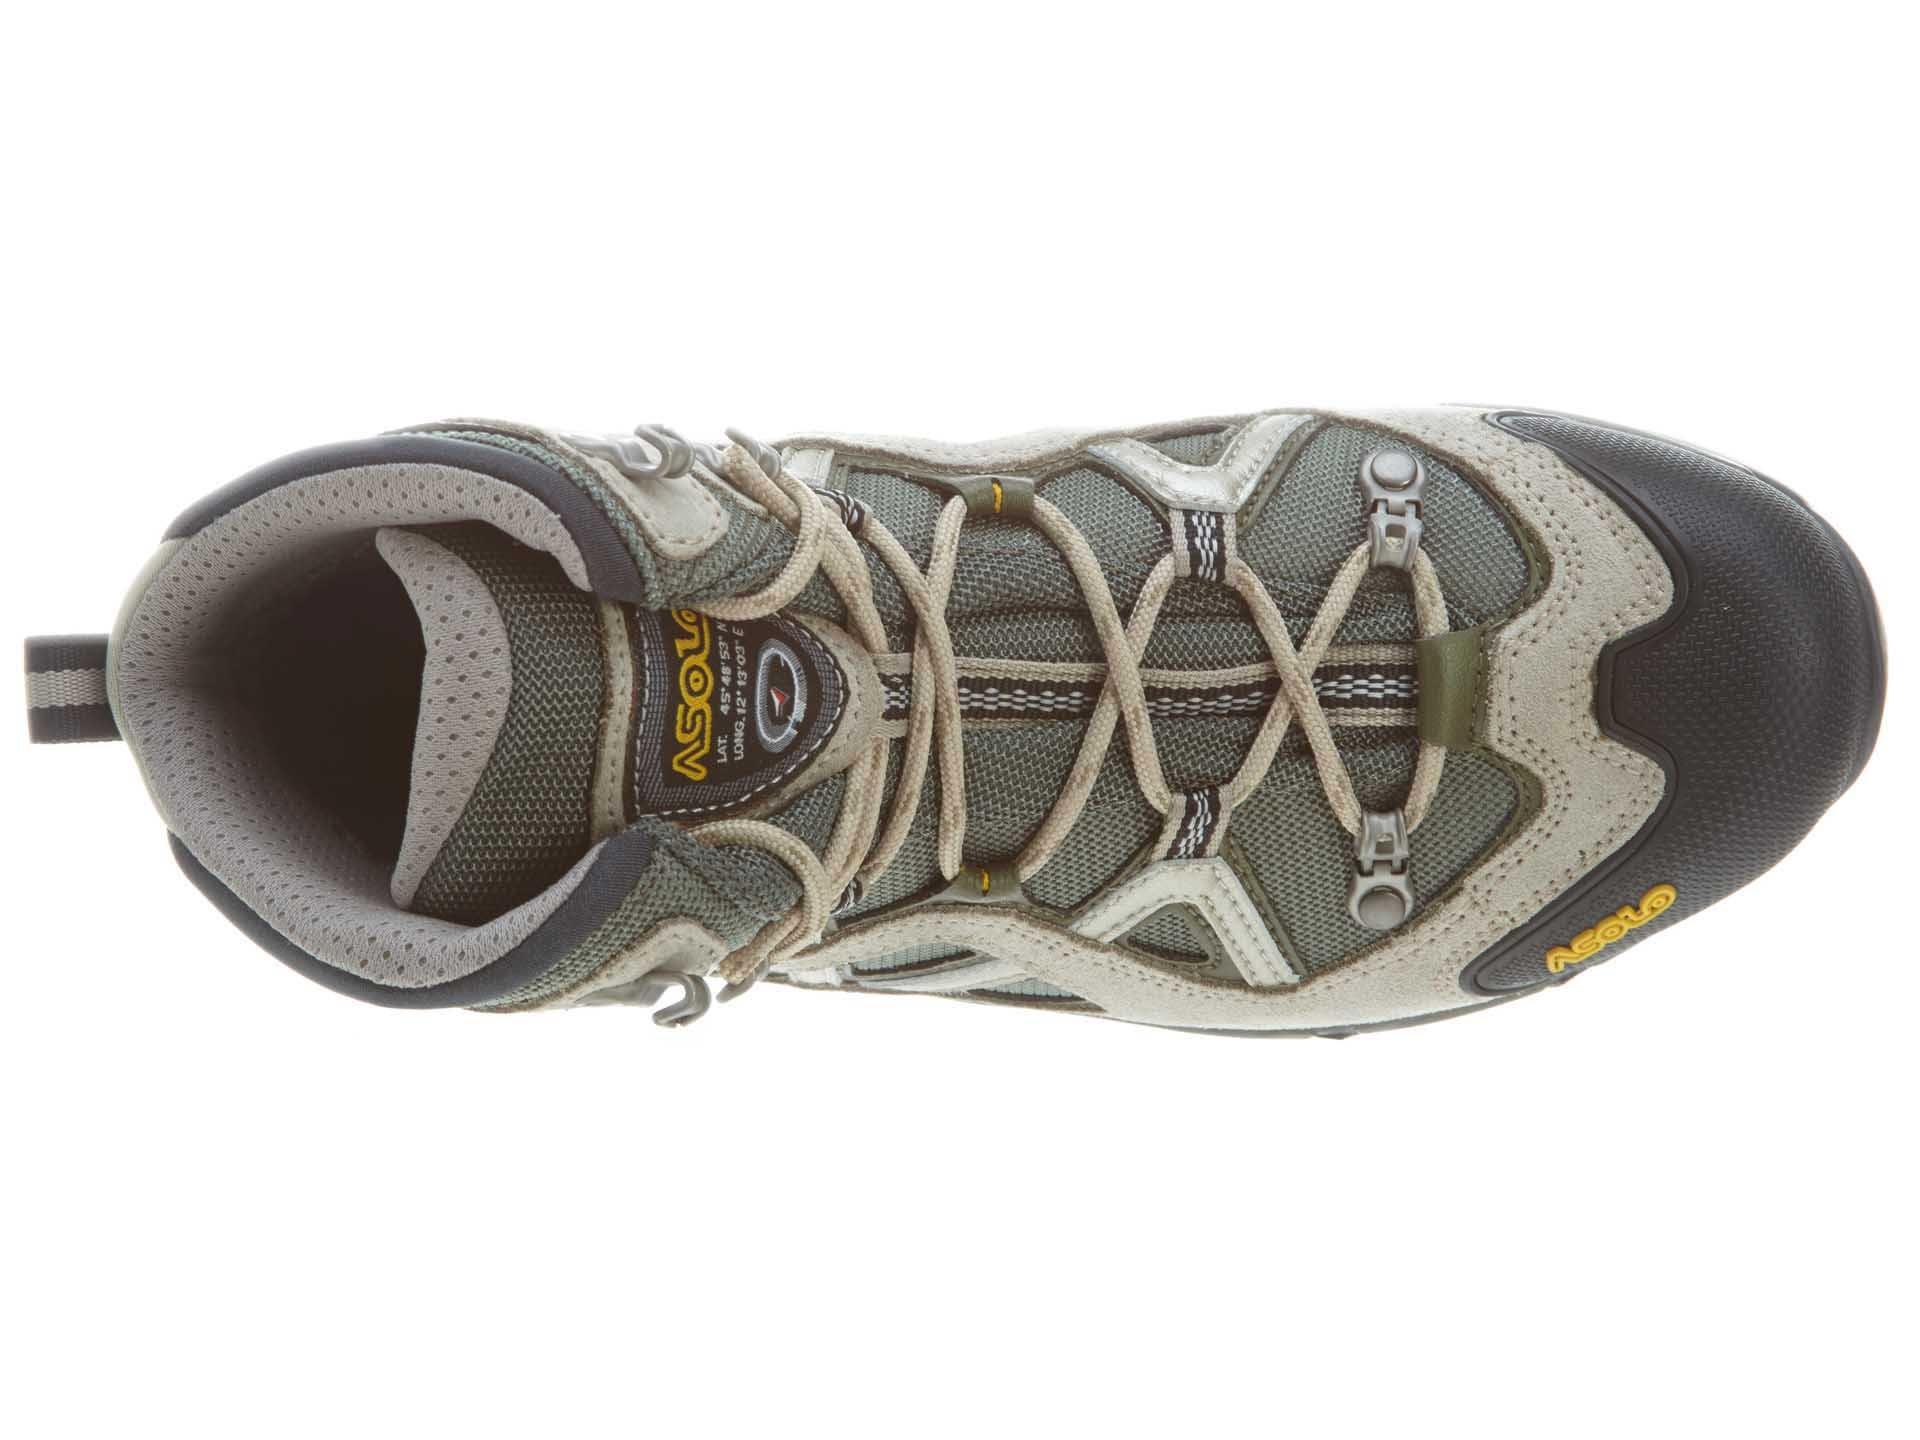 Asolo Attiva Gtx Ml Style: 0M3605-329 Size: 6.5 M US by Asolo (Image #6)